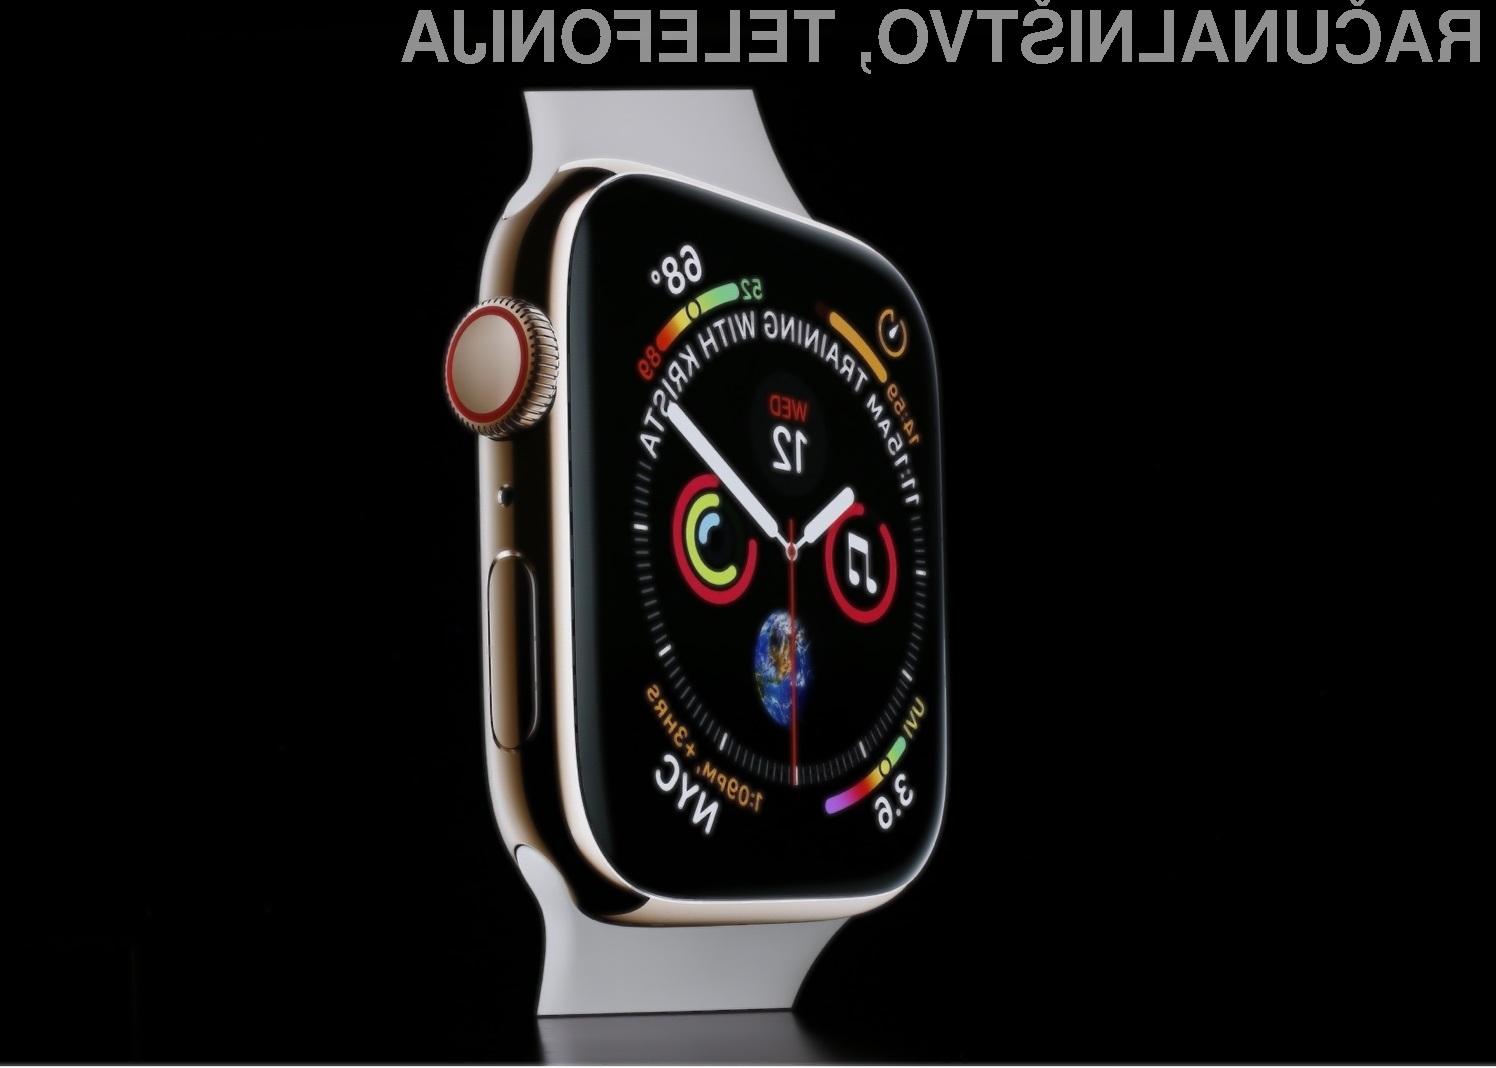 Apple Watch Series 4 je precej boljša in uporabnejša v primerjavi z njeno predhodnico.